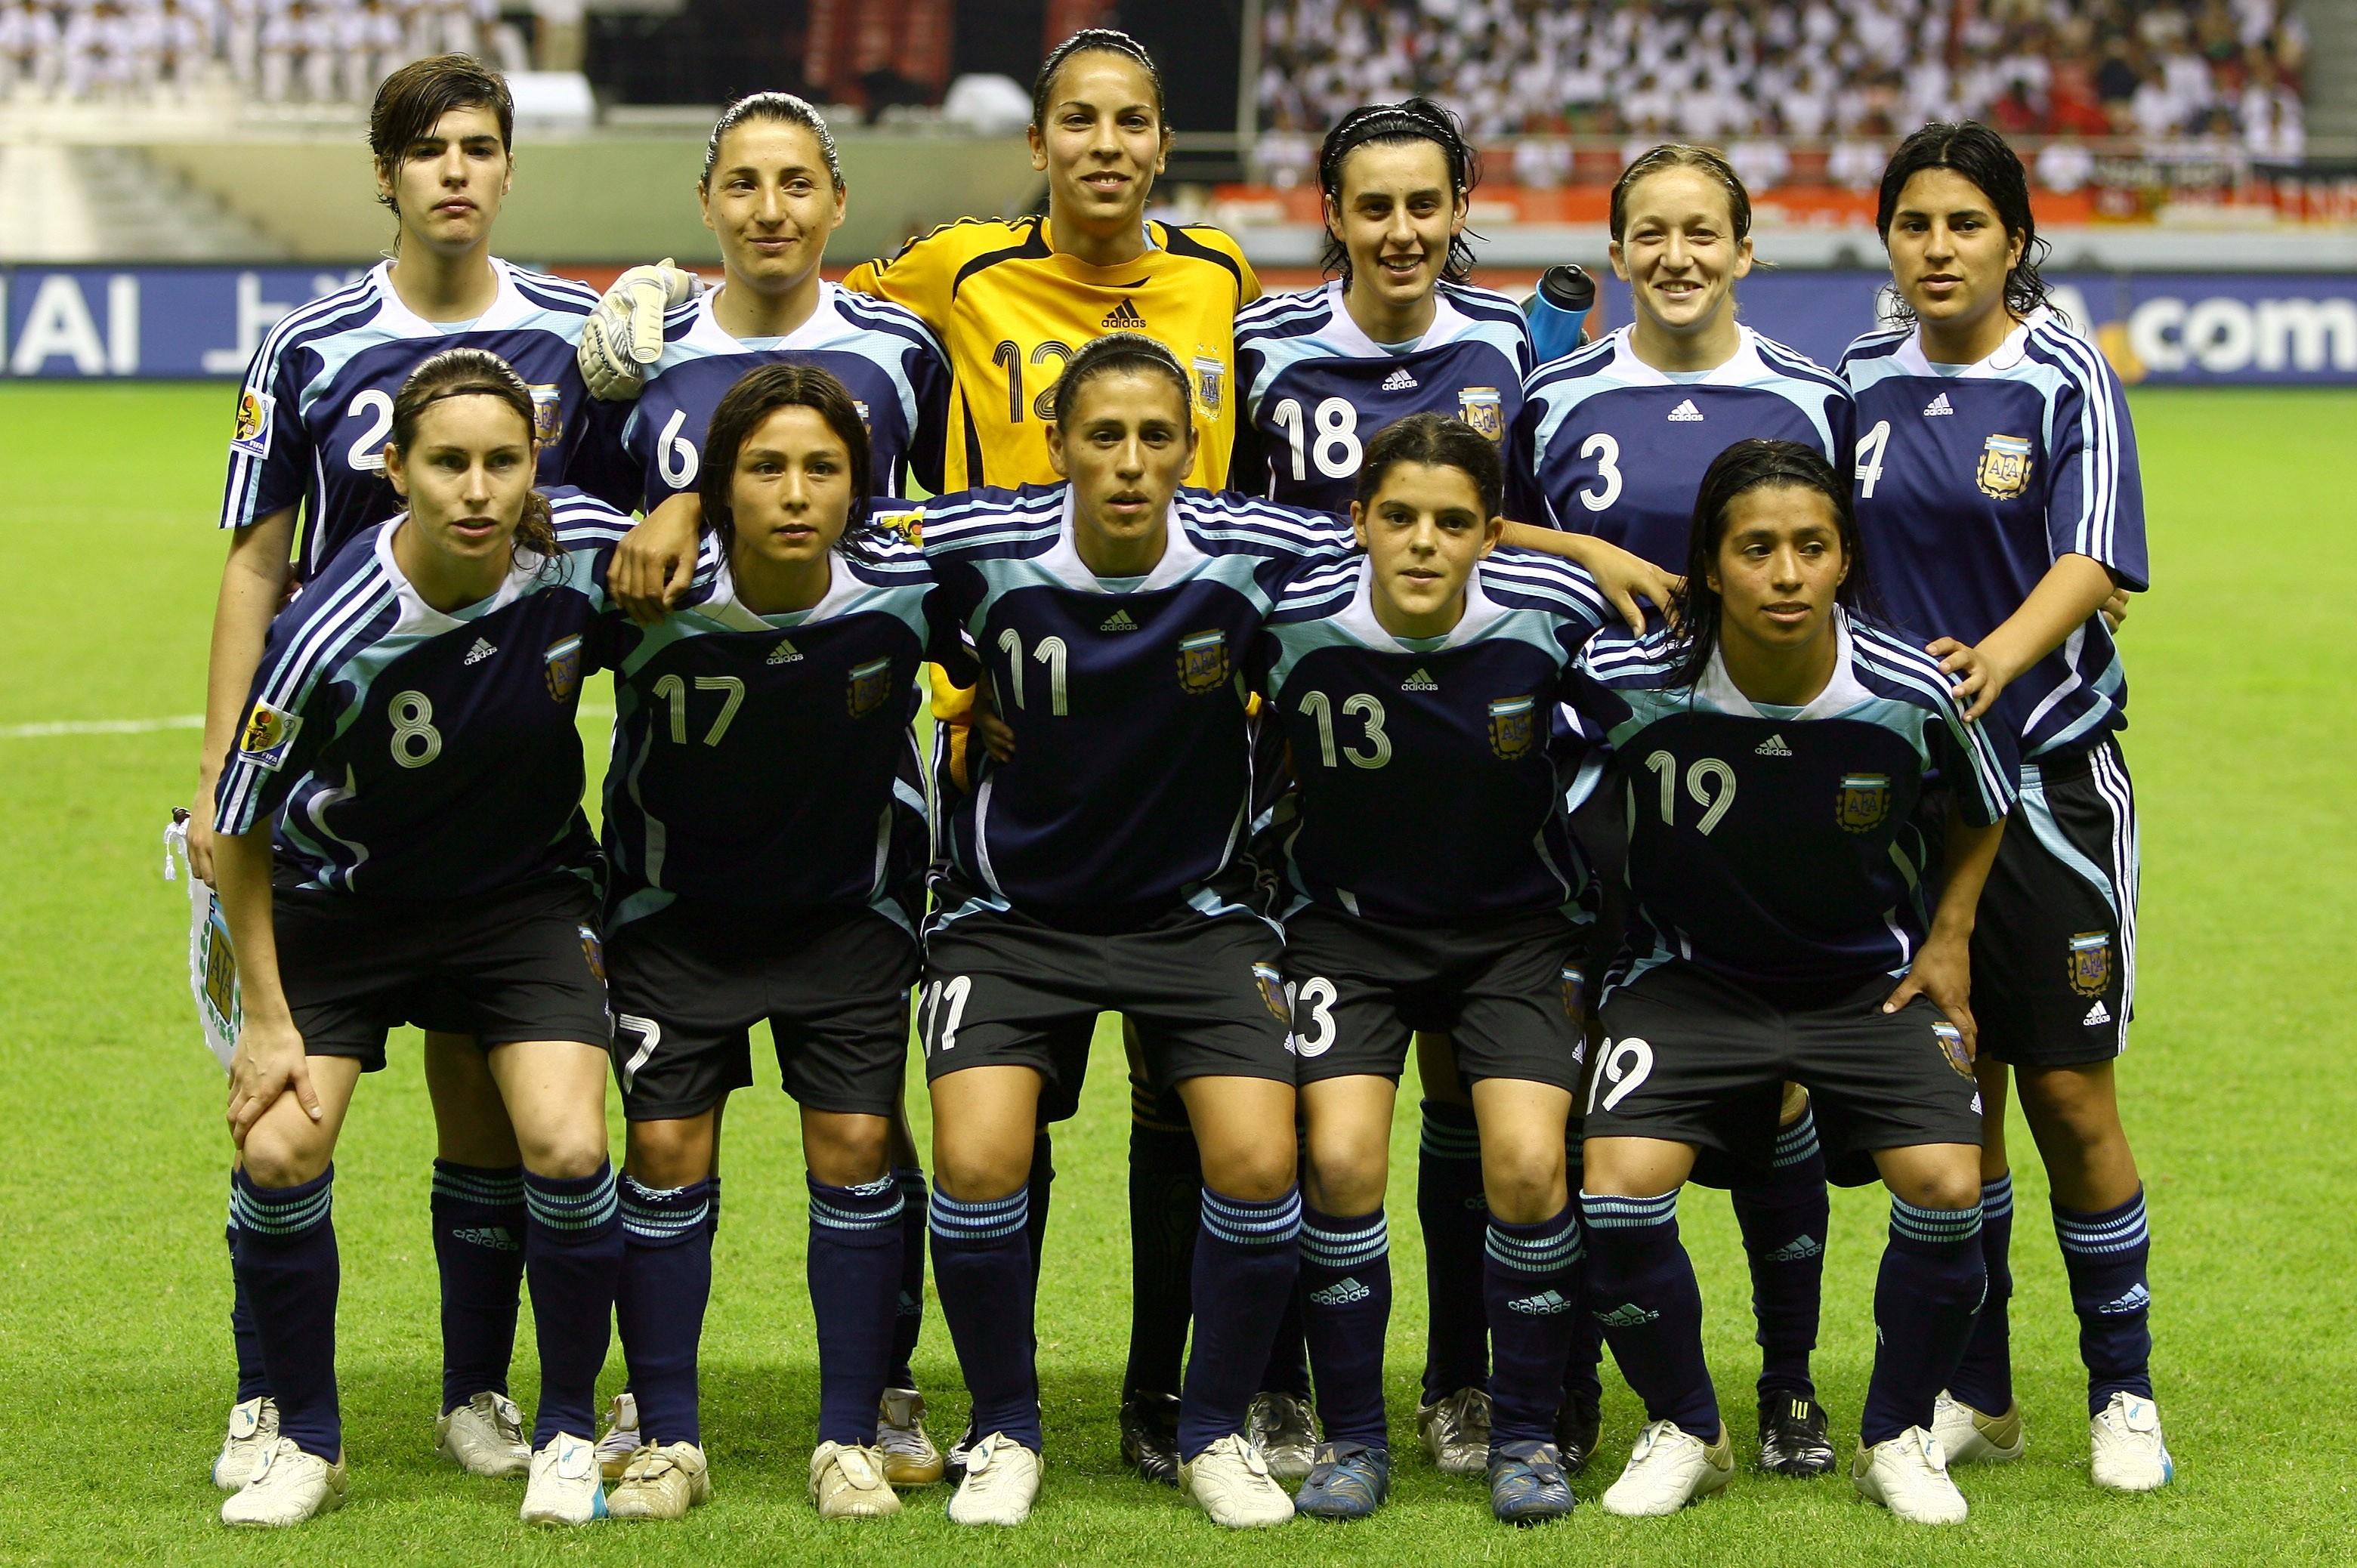 Seleção argentina perfilada antes de partida contra Alemanha pelo Mundial de 2007, na China (Foto: Foto: Getty Images)